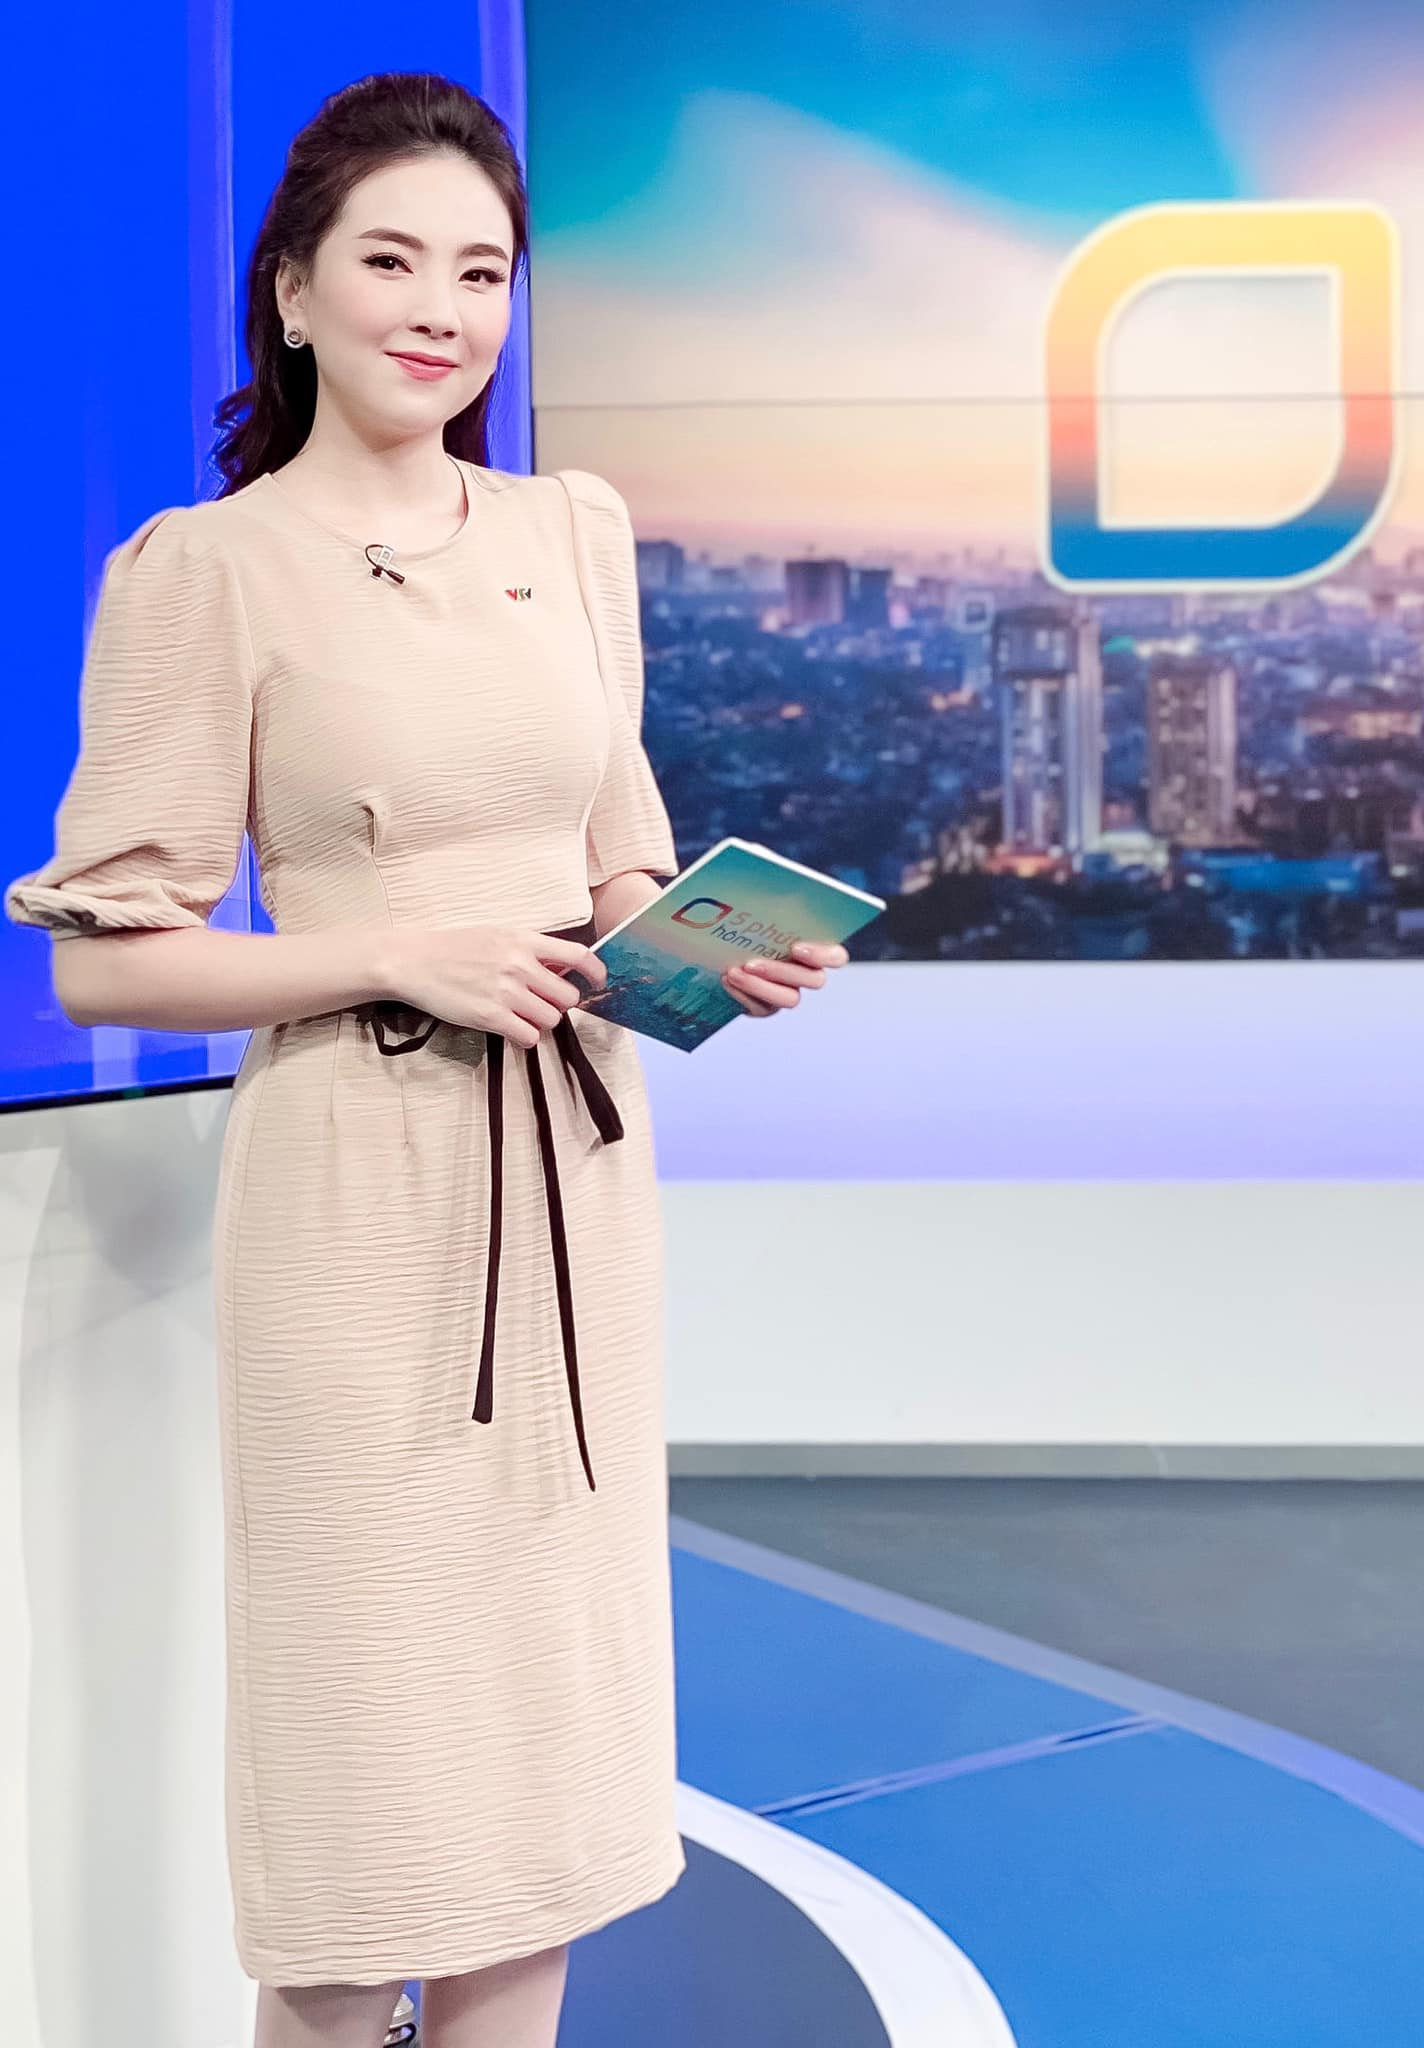 Nhìn MC Mai Ngọc là ra được khối ý tưởng diện lại đồ cũ mà vẫn ghi điểm mặc đẹp trong ngày giao mùa - Ảnh 7.